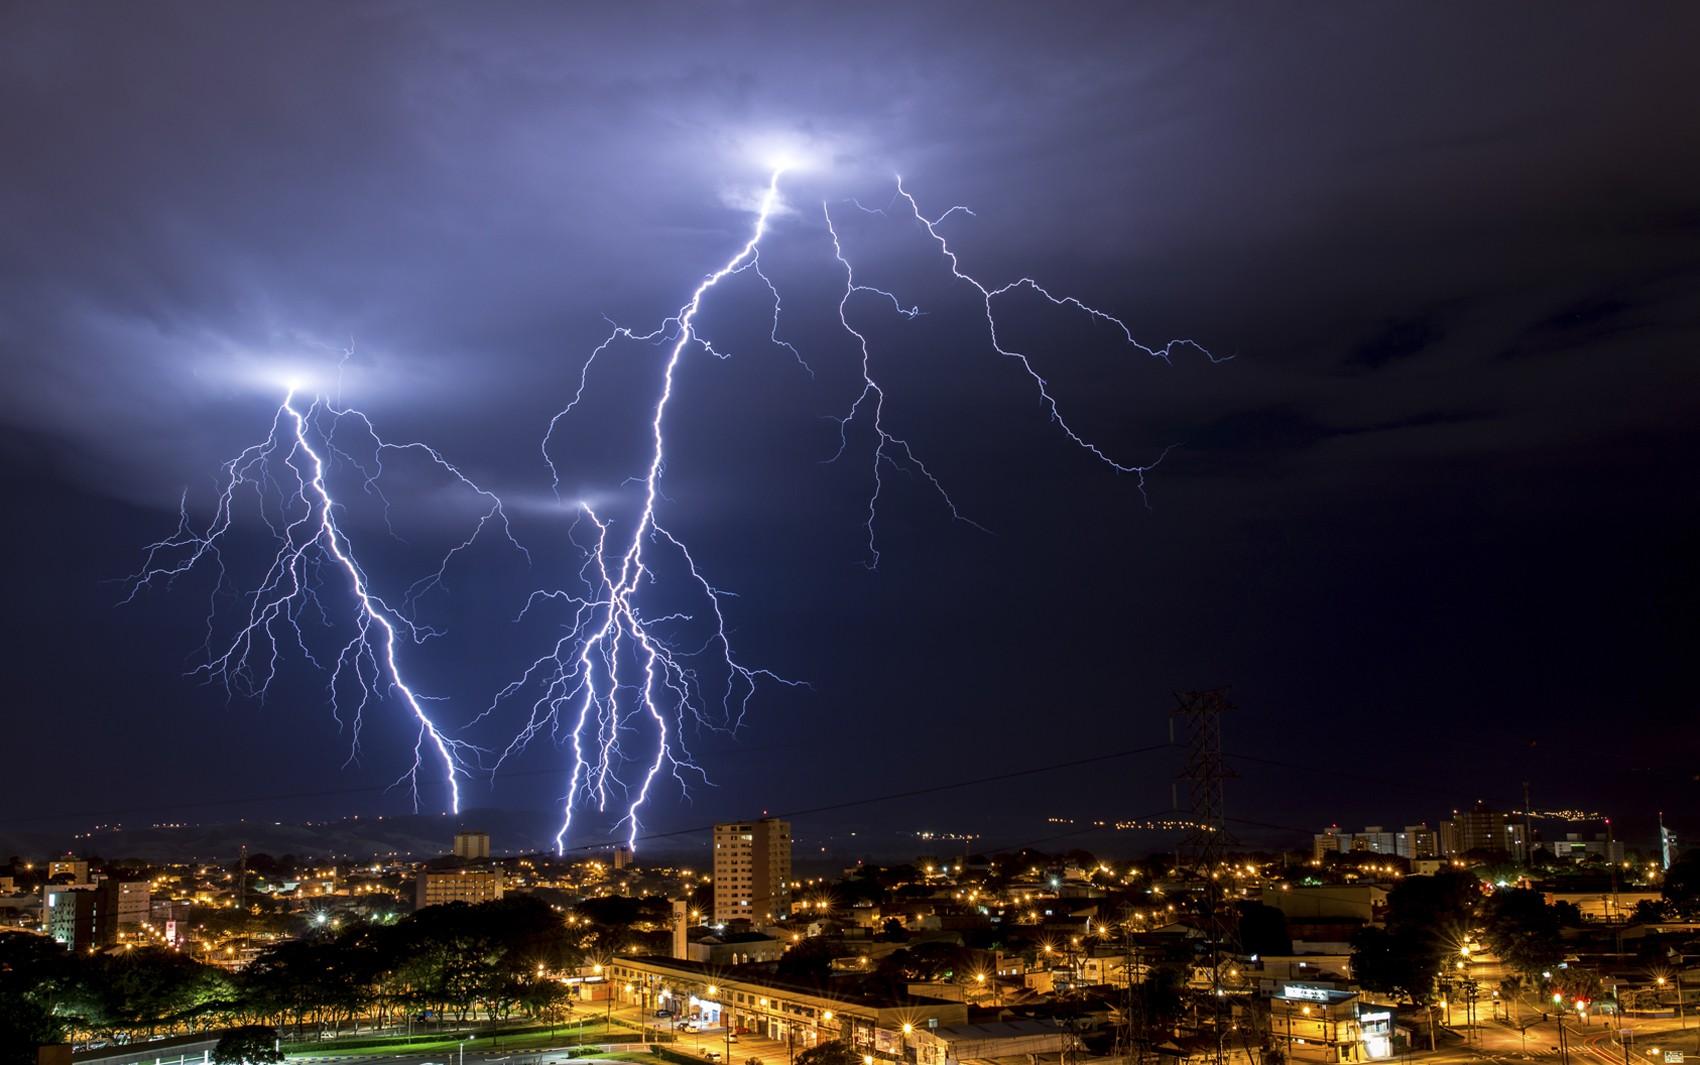 Imagens Raio Aeroporto : Natureza mudança do clima pode aumentar em a